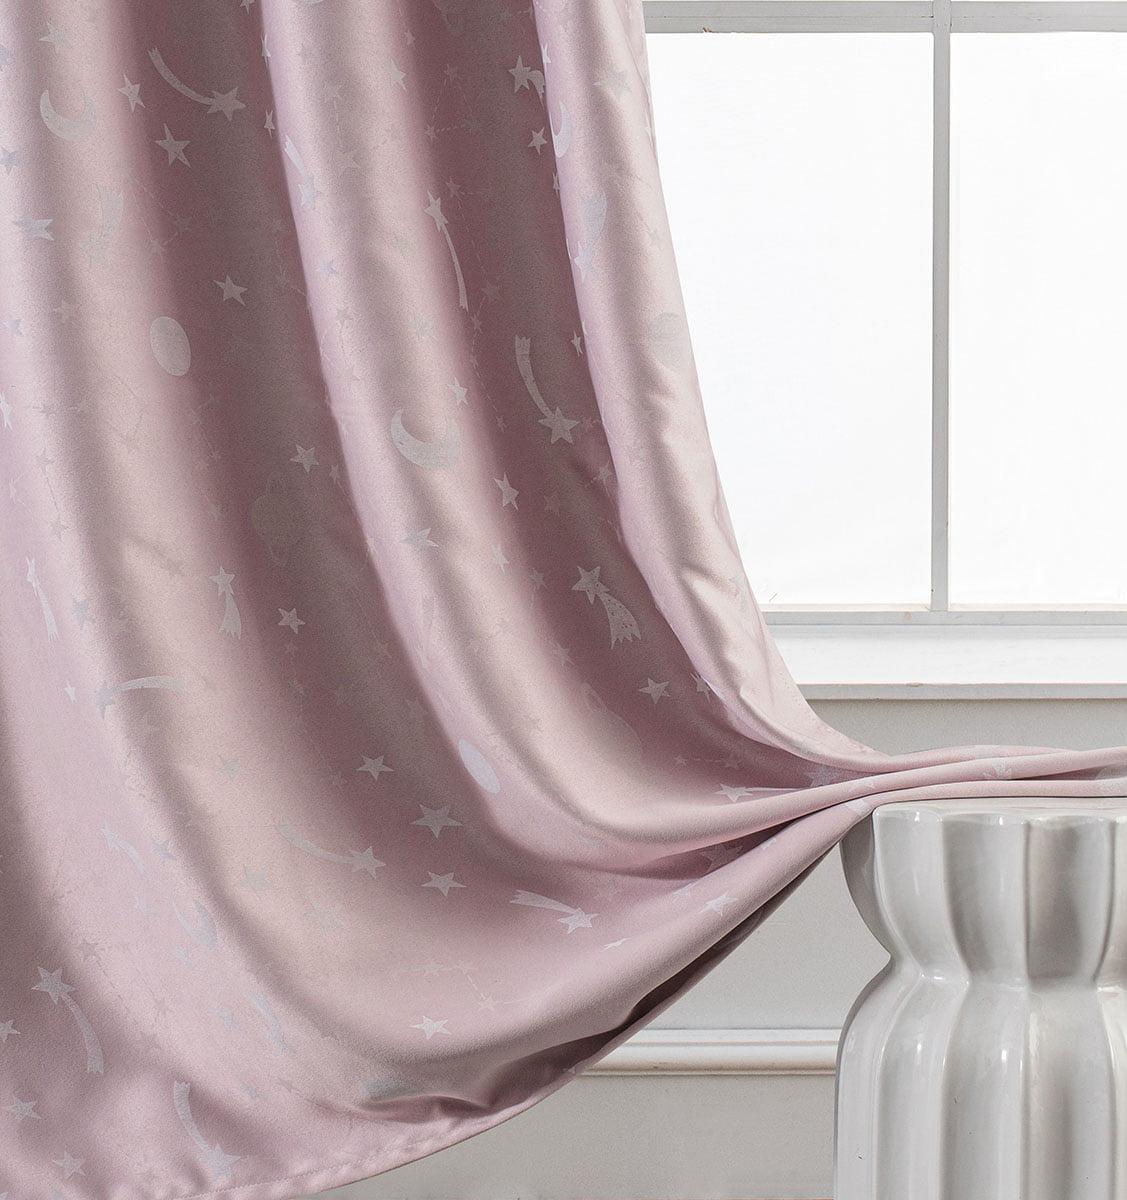 Κουρτίνα φωσφορίζουσα με 8 κρίκους Art 6140 ροζ  140x260 Ροζ Beauty Home